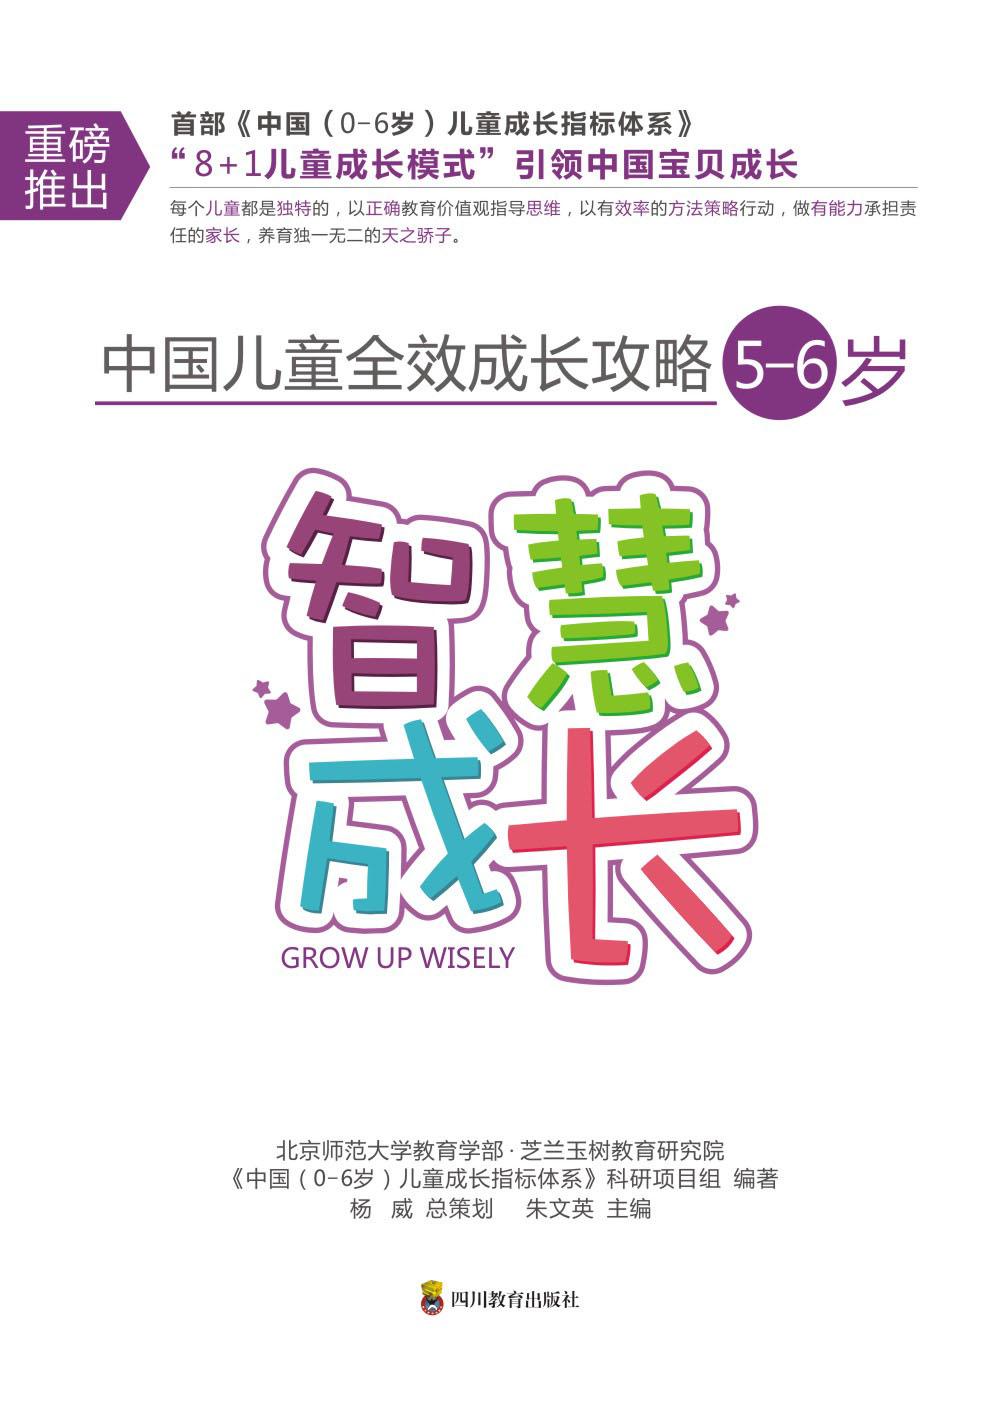 中国儿童亚博体育app官方下载苹果yabosports官网攻略·(5-6岁)智慧yabosports官网